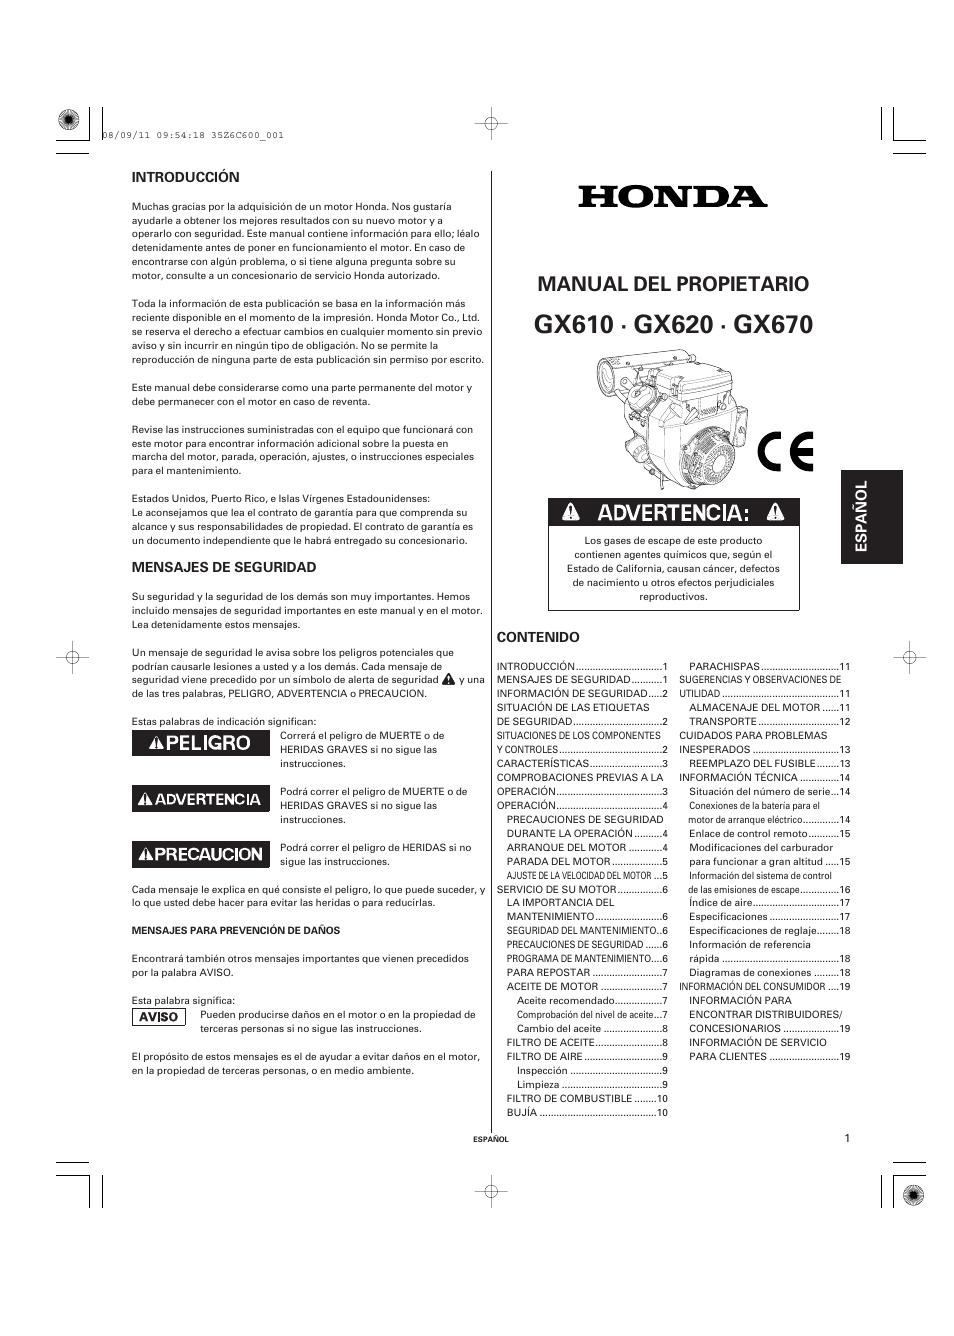 honda gx620 engine manual